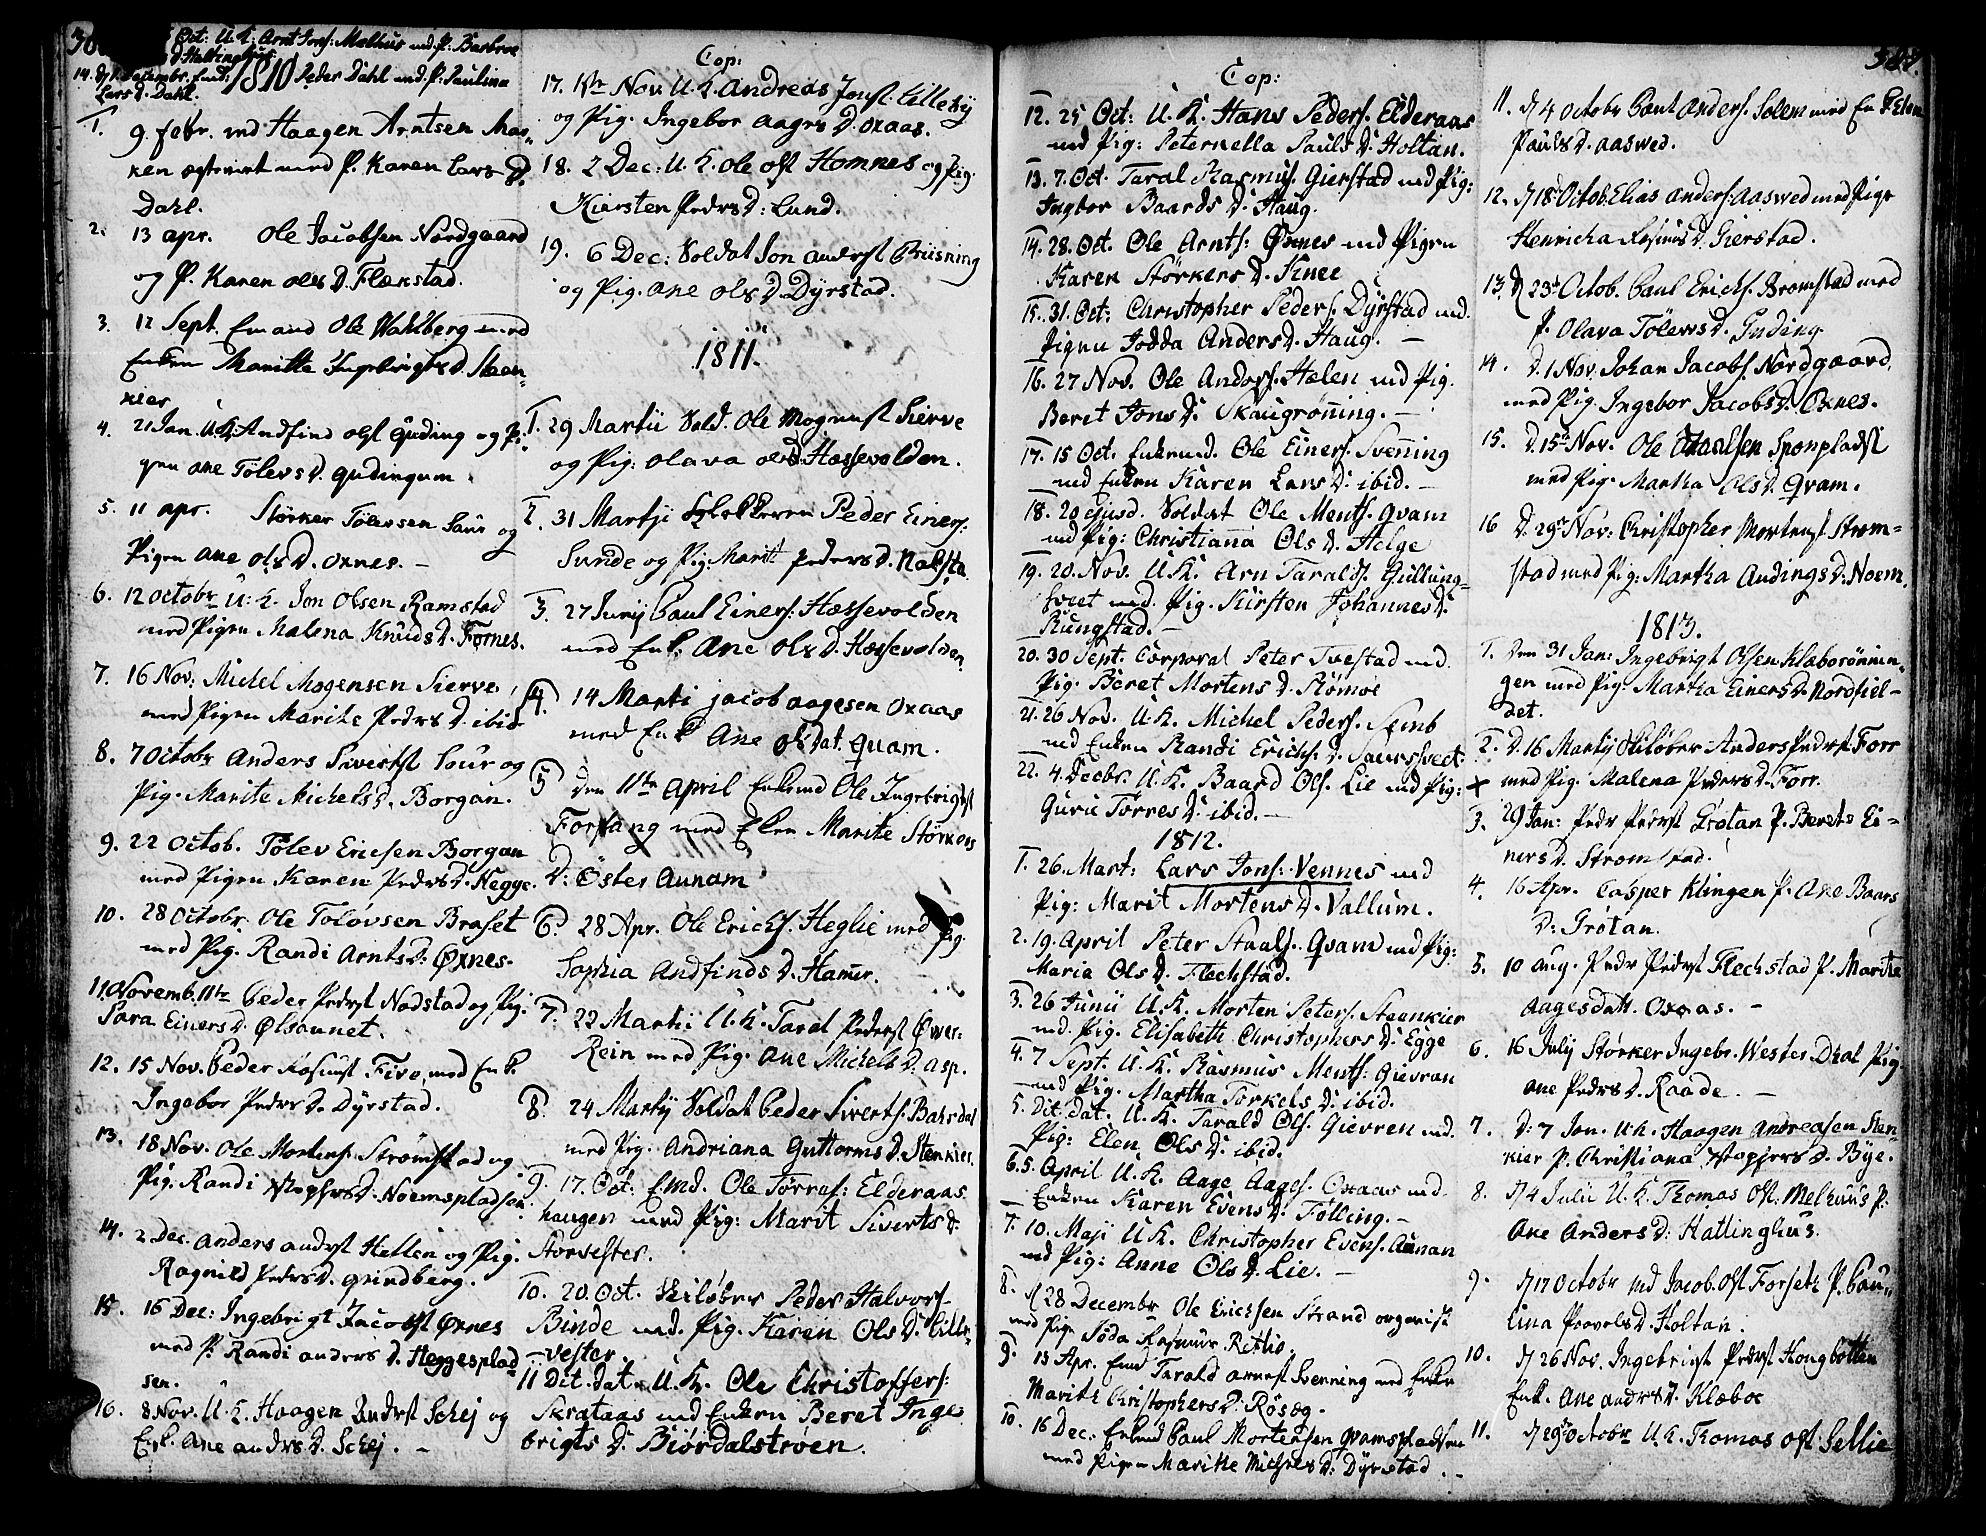 SAT, Ministerialprotokoller, klokkerbøker og fødselsregistre - Nord-Trøndelag, 746/L0440: Ministerialbok nr. 746A02, 1760-1815, s. 386-387